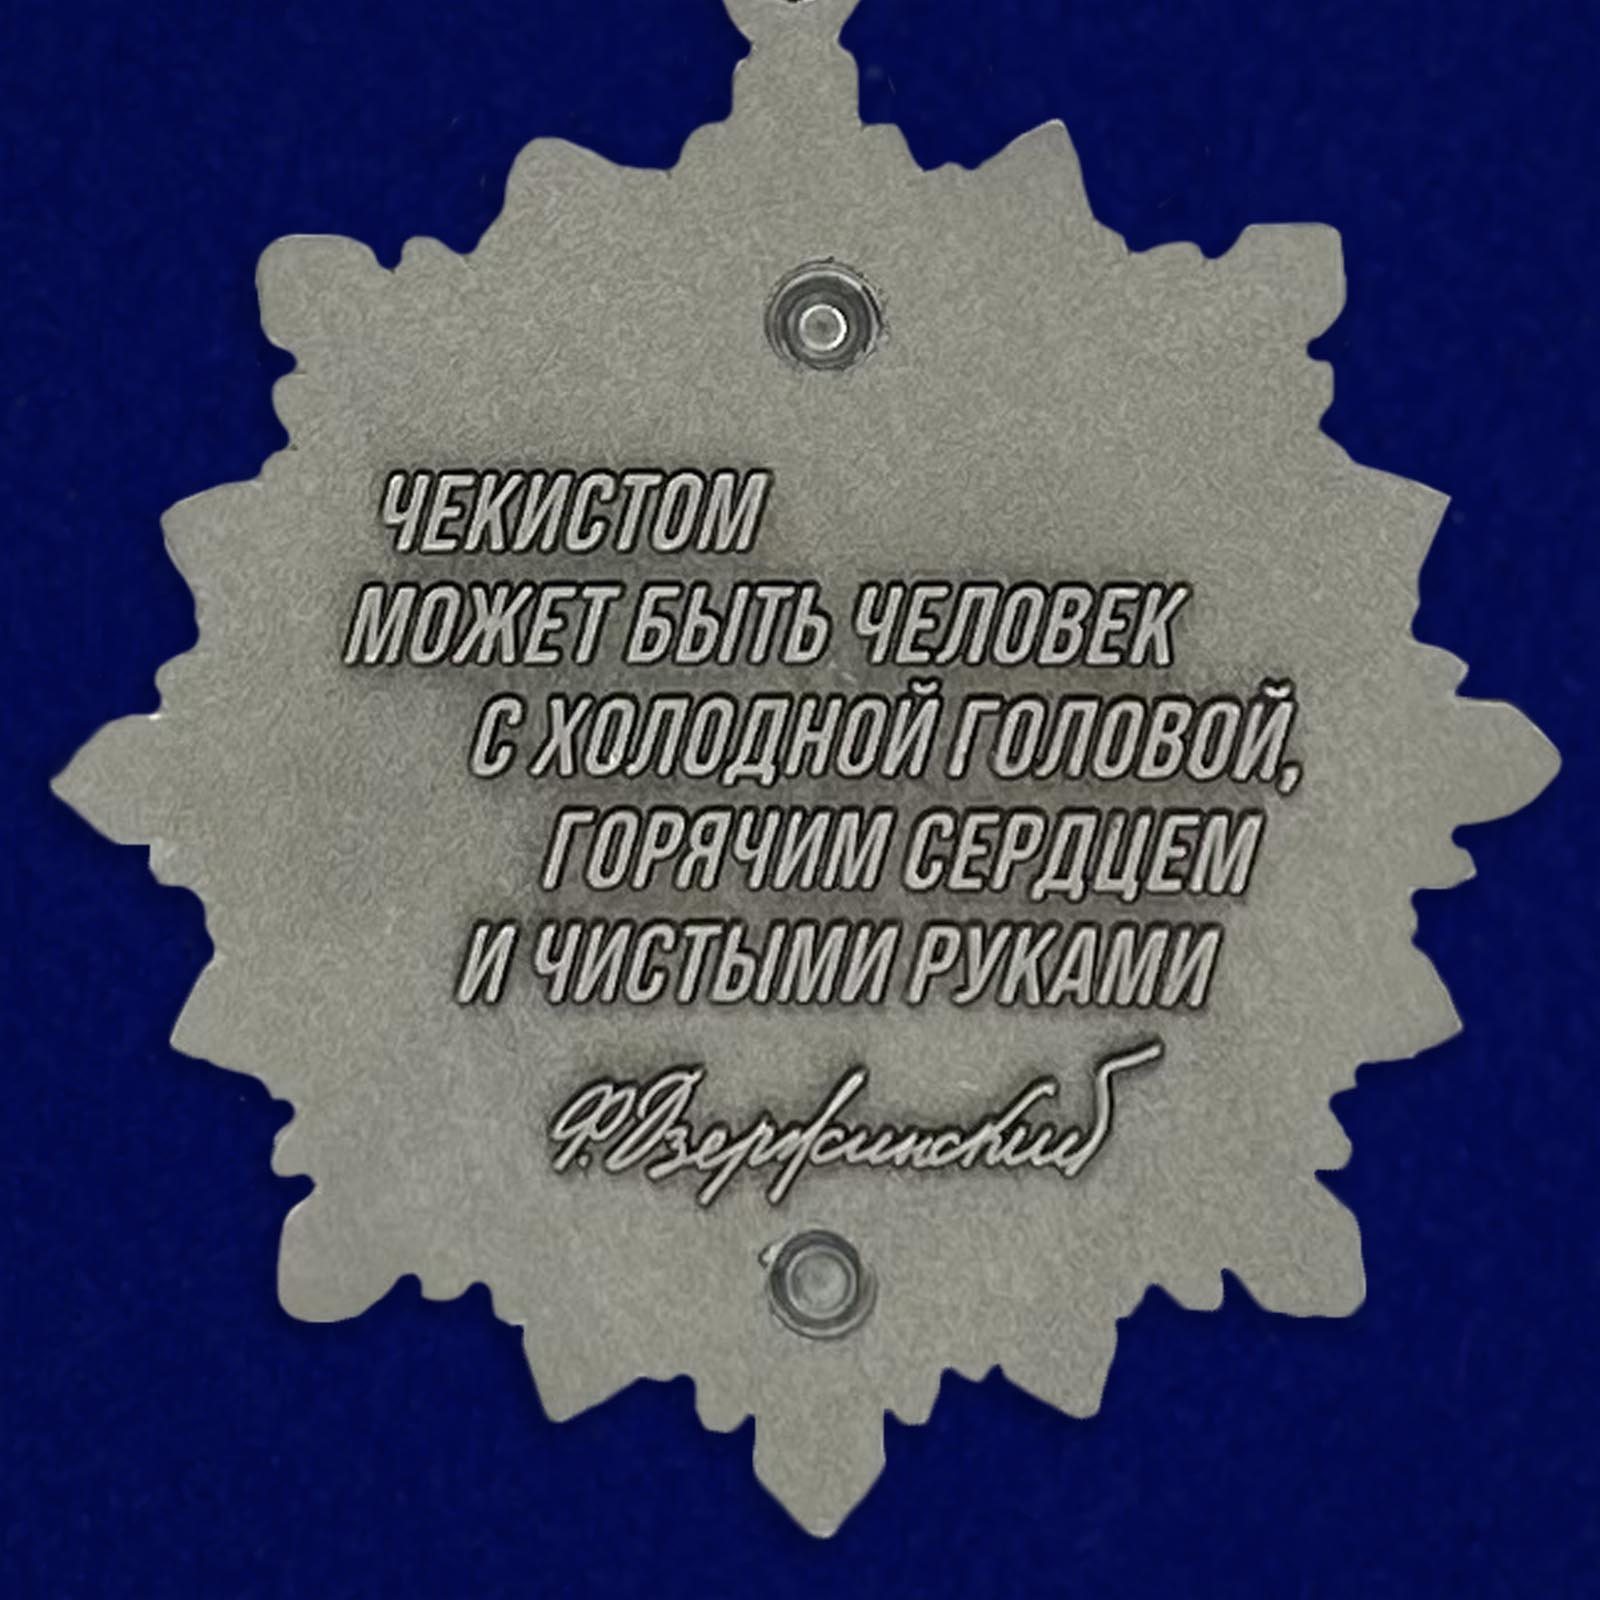 Юбилейный орден 100 лет ФСБ 2 степени (53 мм)